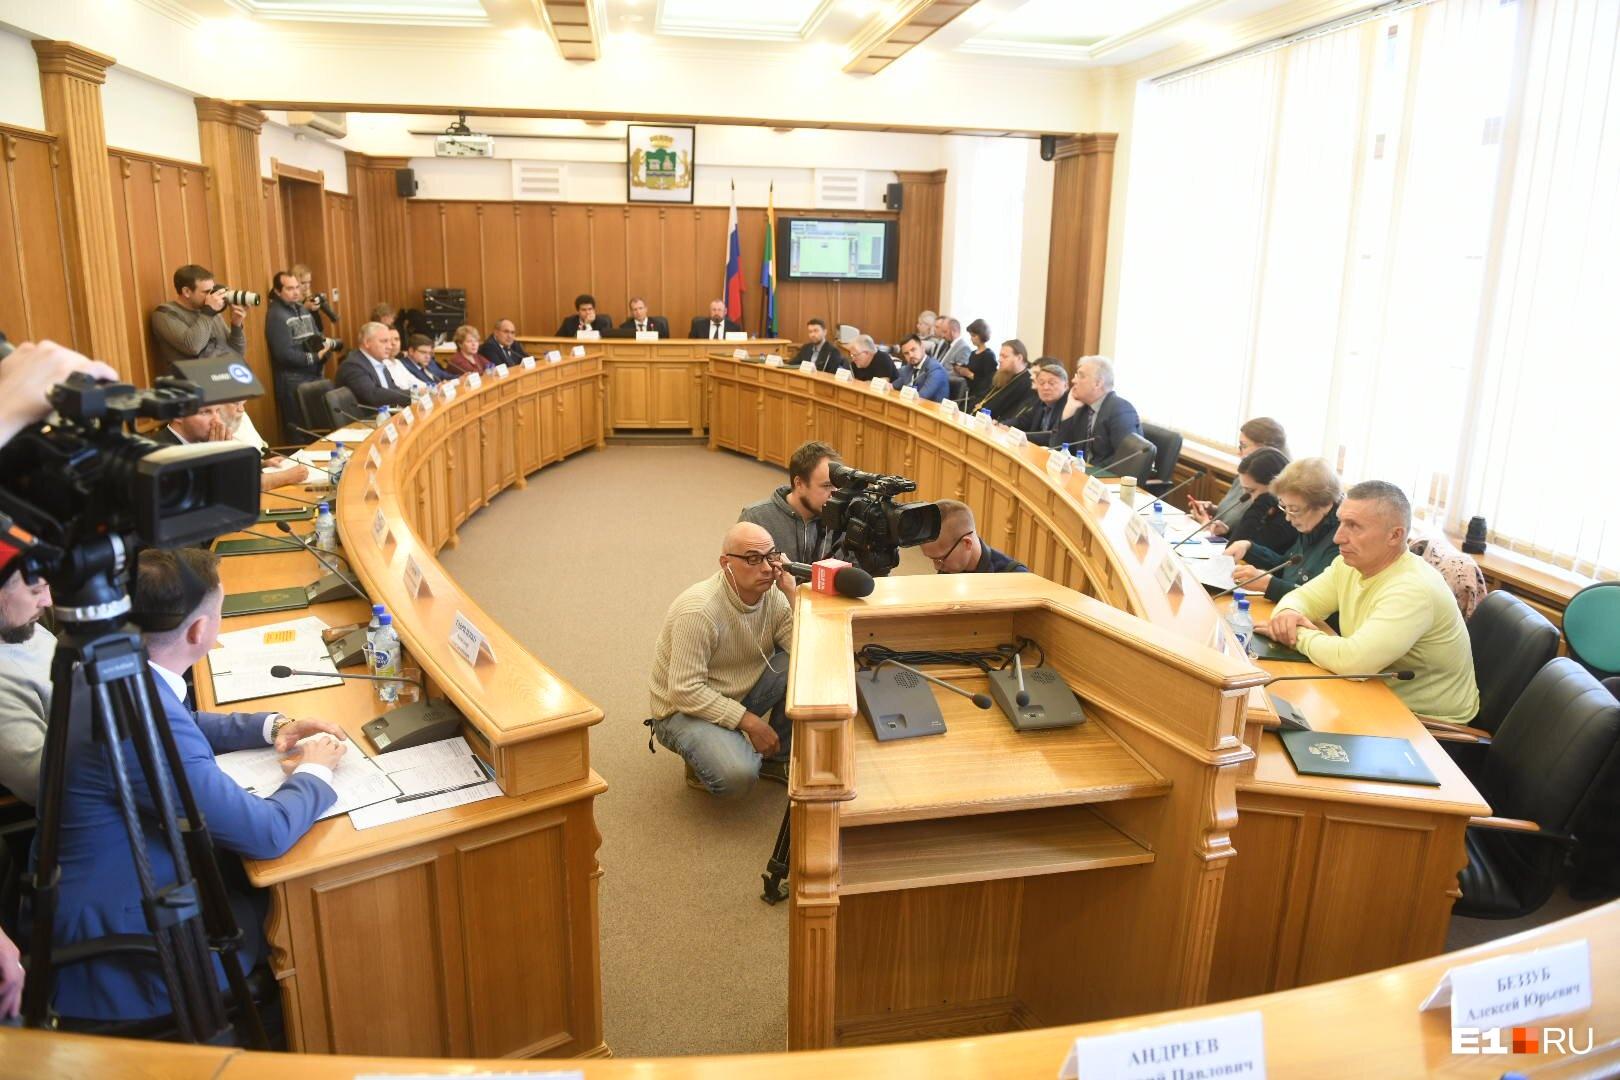 Рабочая группа. Итоговое решение об опросе должно быть принято 24 сентября